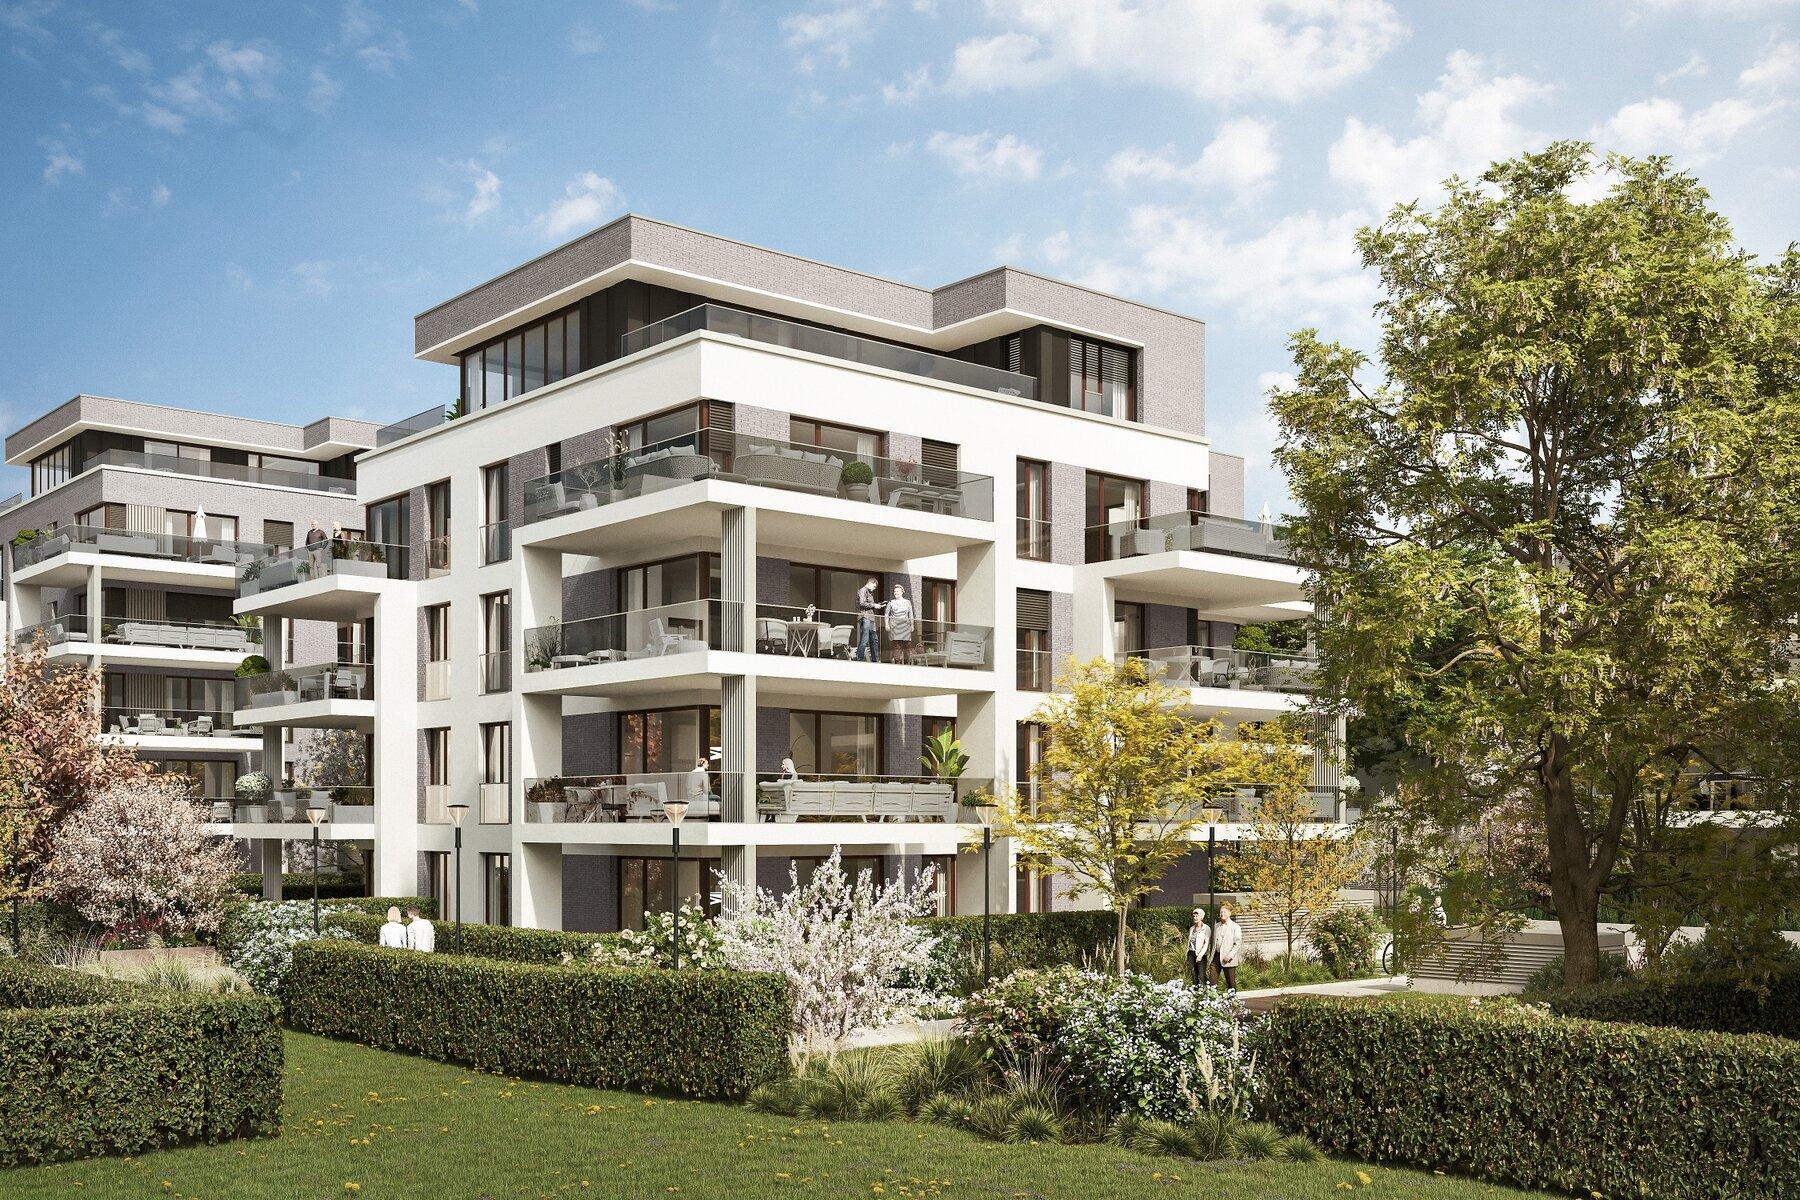 dii deutsche invest immobilien gmbh wiesbaden